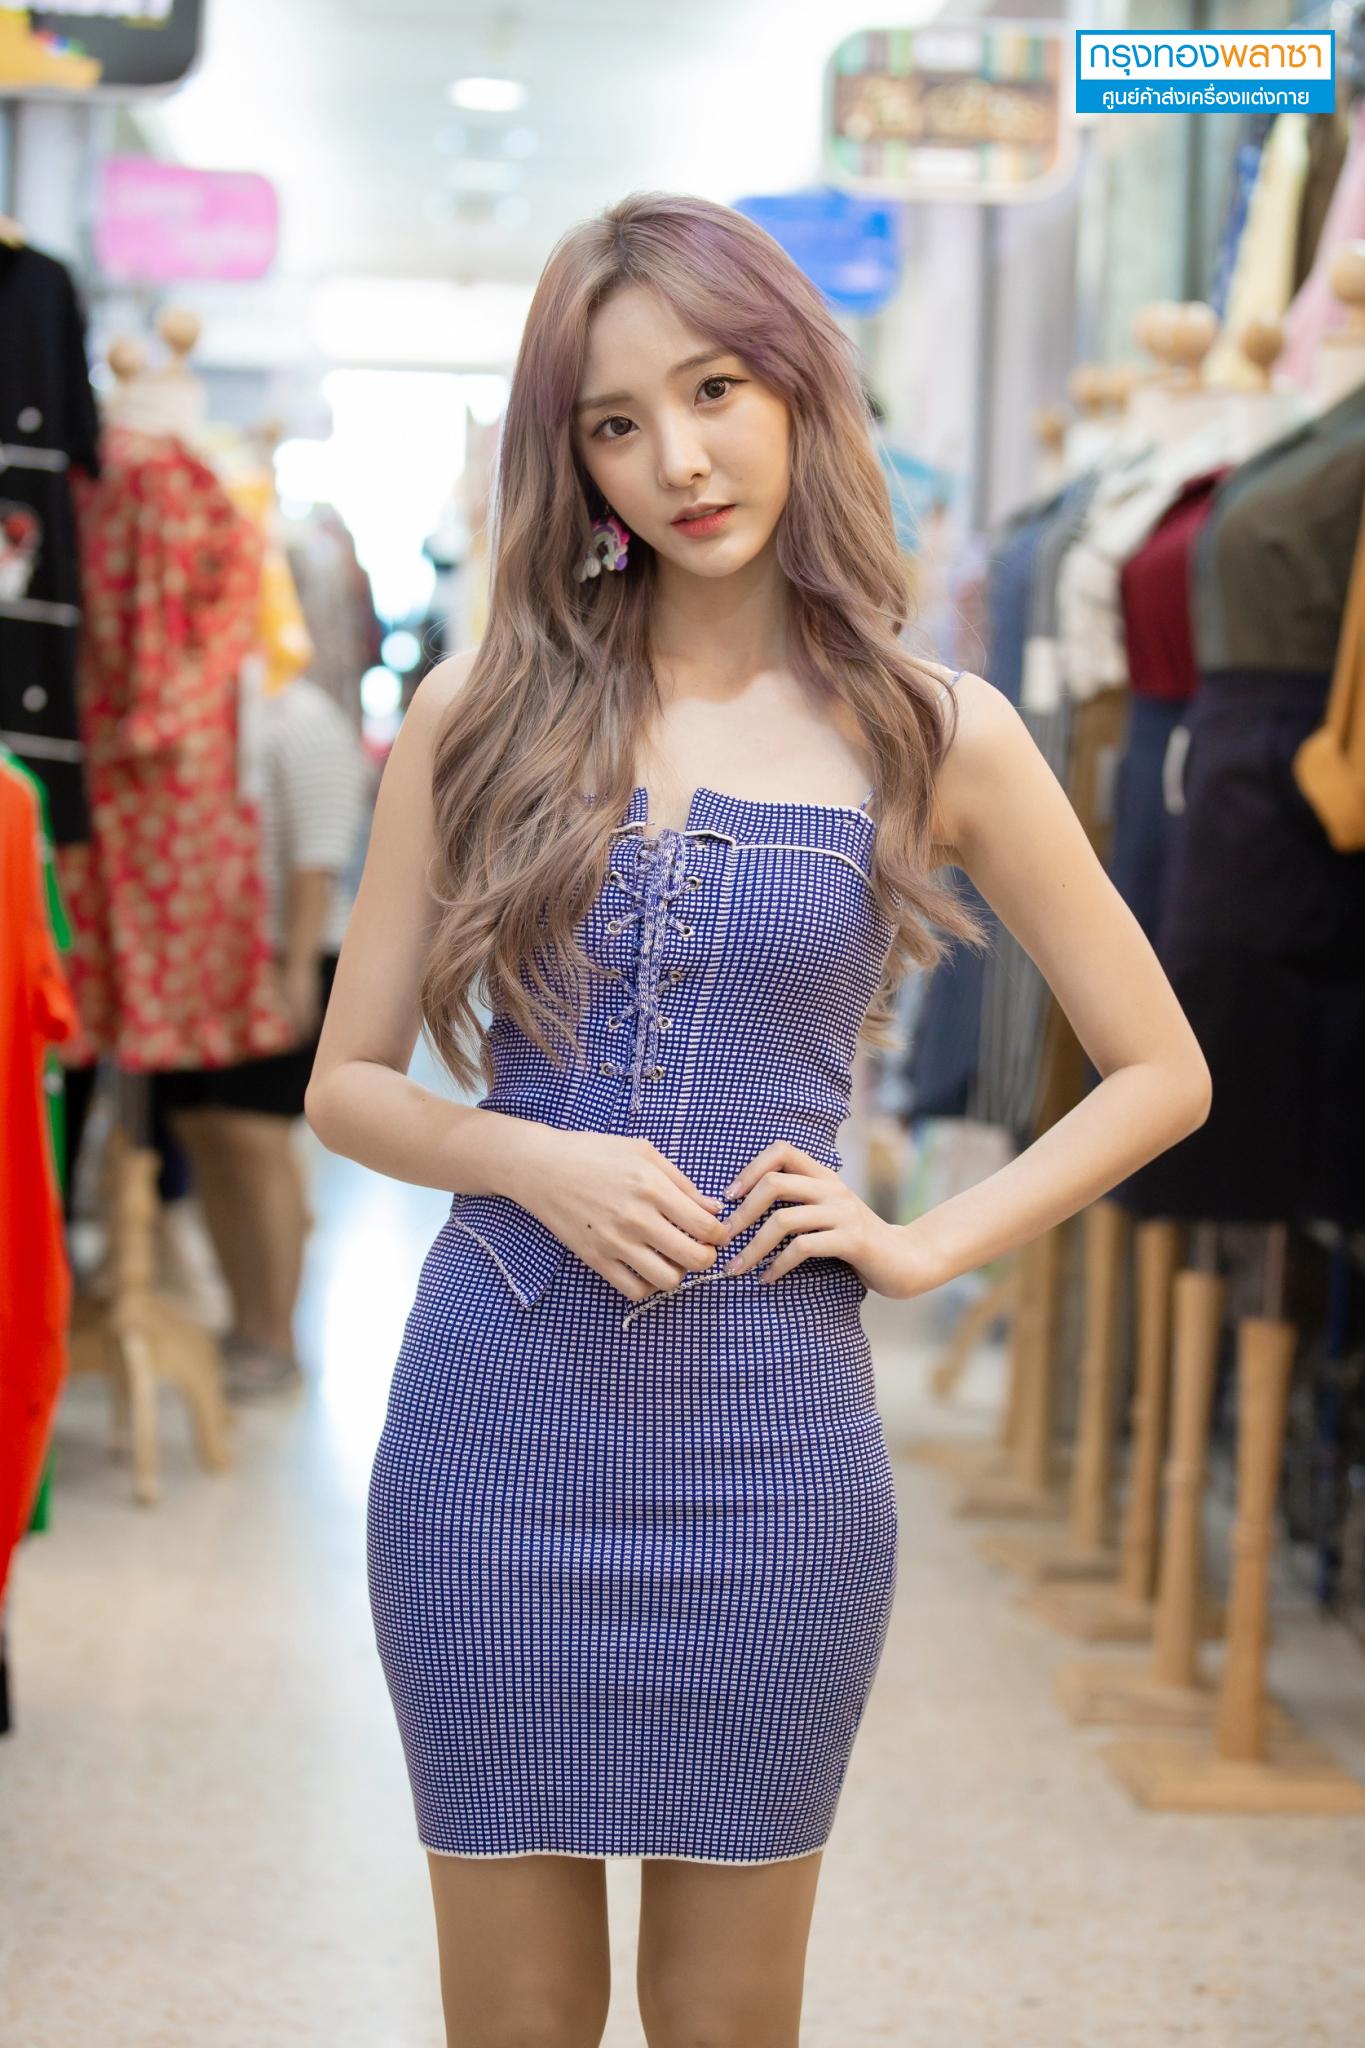 nene dress_๑๙๐๓๑๓_0003